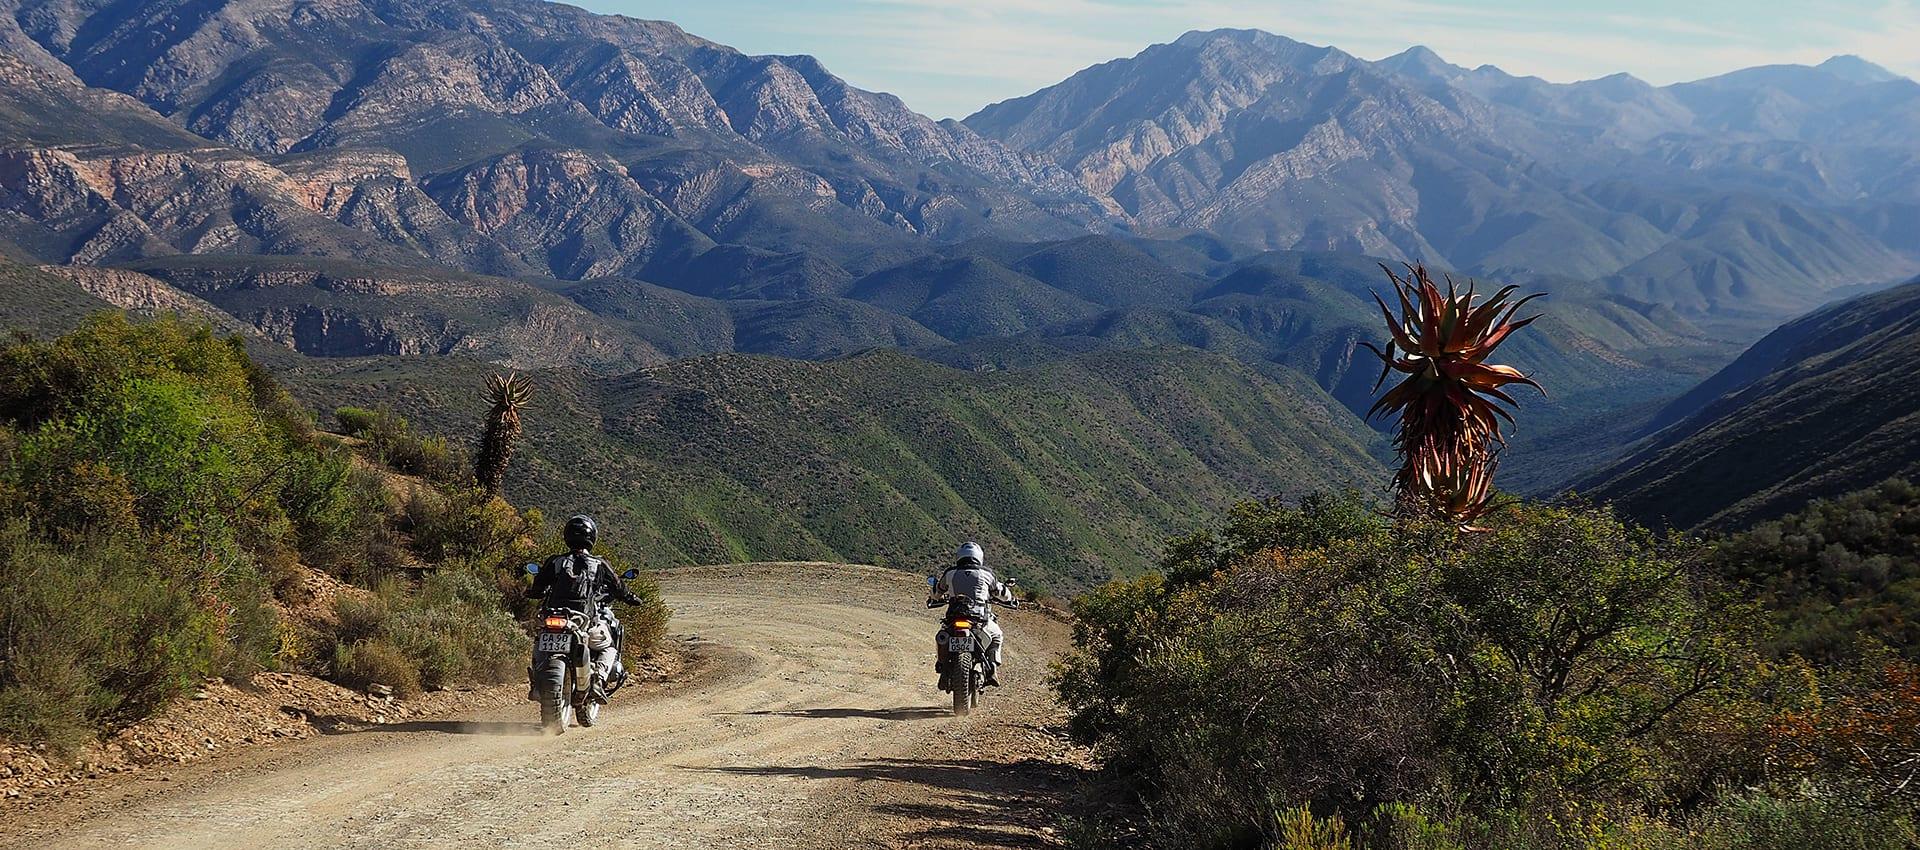 Download de brochure van onze motorreis naar Die Hel, baviaanskloof, Drakensbergen, Kaapstad in Zuid-Afrika